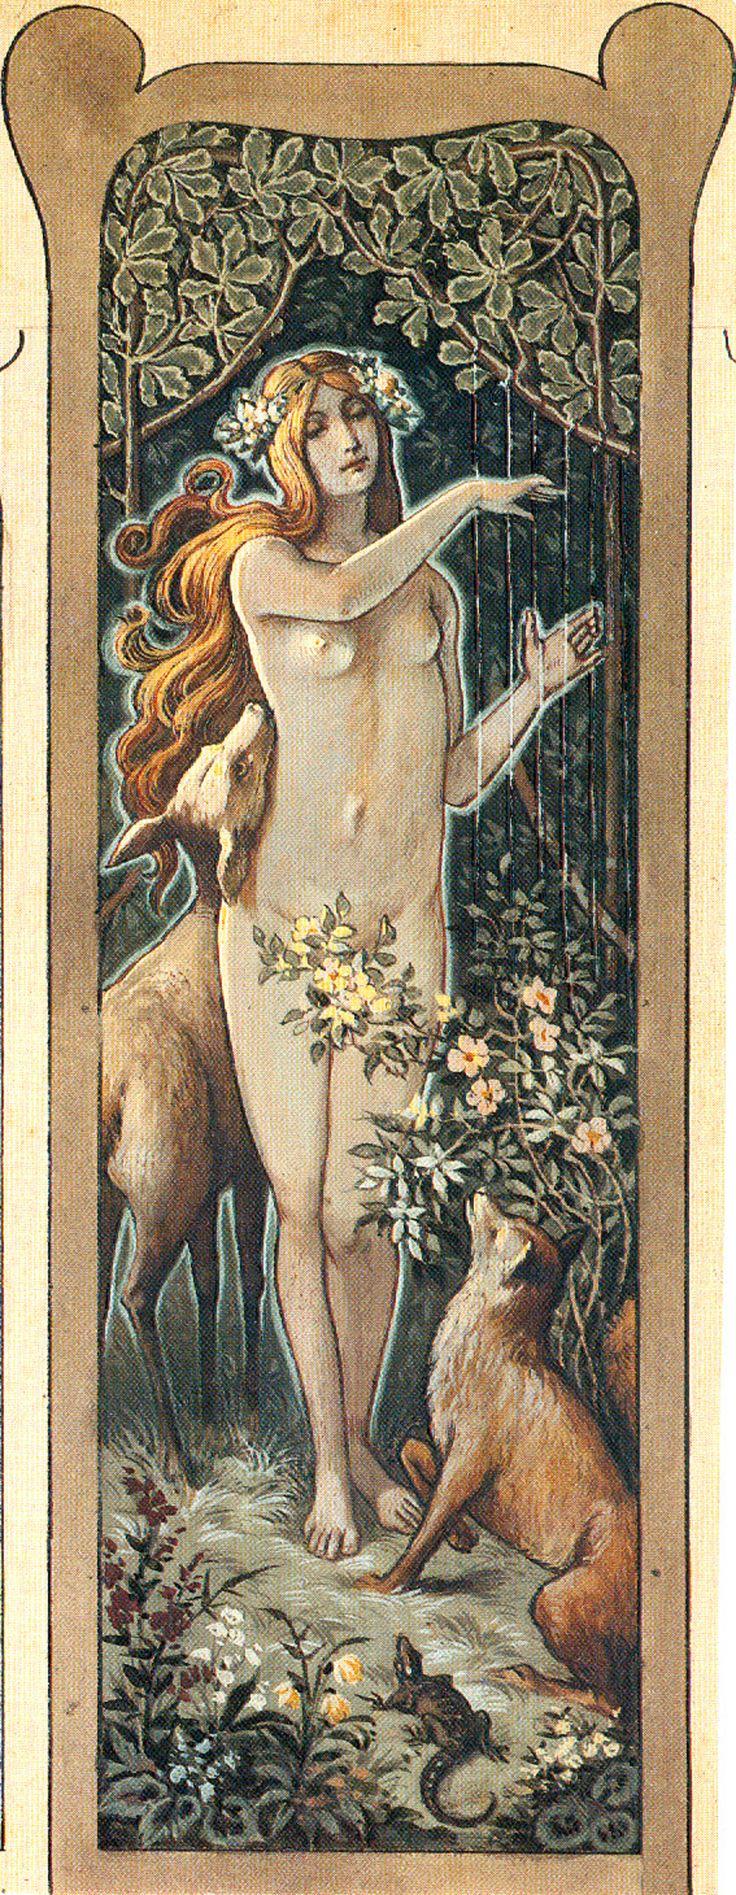 Moritz von Schwind: Nymphe, den Tieren des Waldes auf der Harfe vorspielend. _Nymphe_gross.jpg 1,417×3,650 pixels